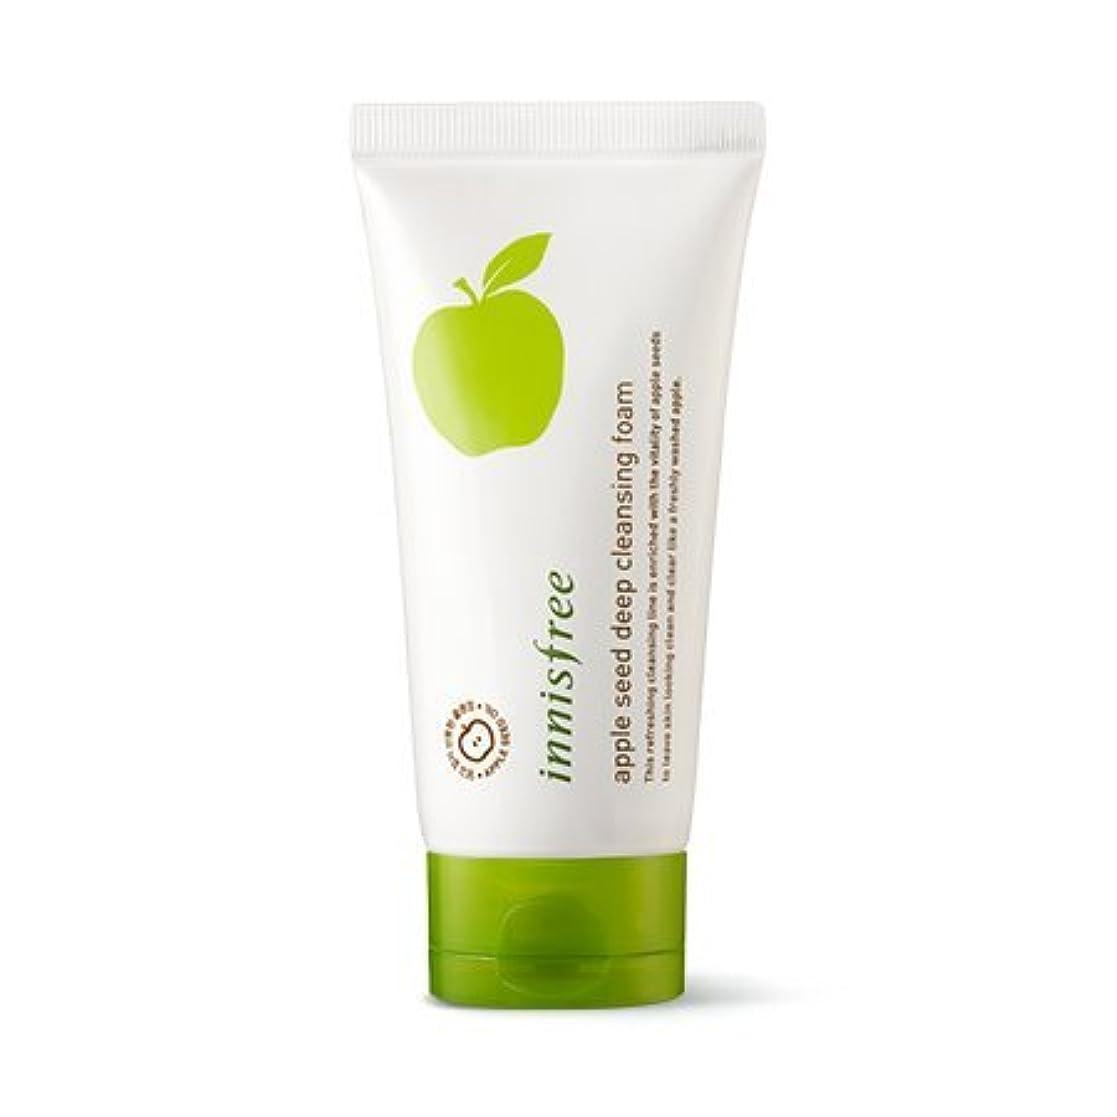 怒りボイド抜粋[New] innisfree Apple Seed Deep Cleansing Foam 150ml/イニスフリー アップル シード ディープ クレンジング フォーム 150ml